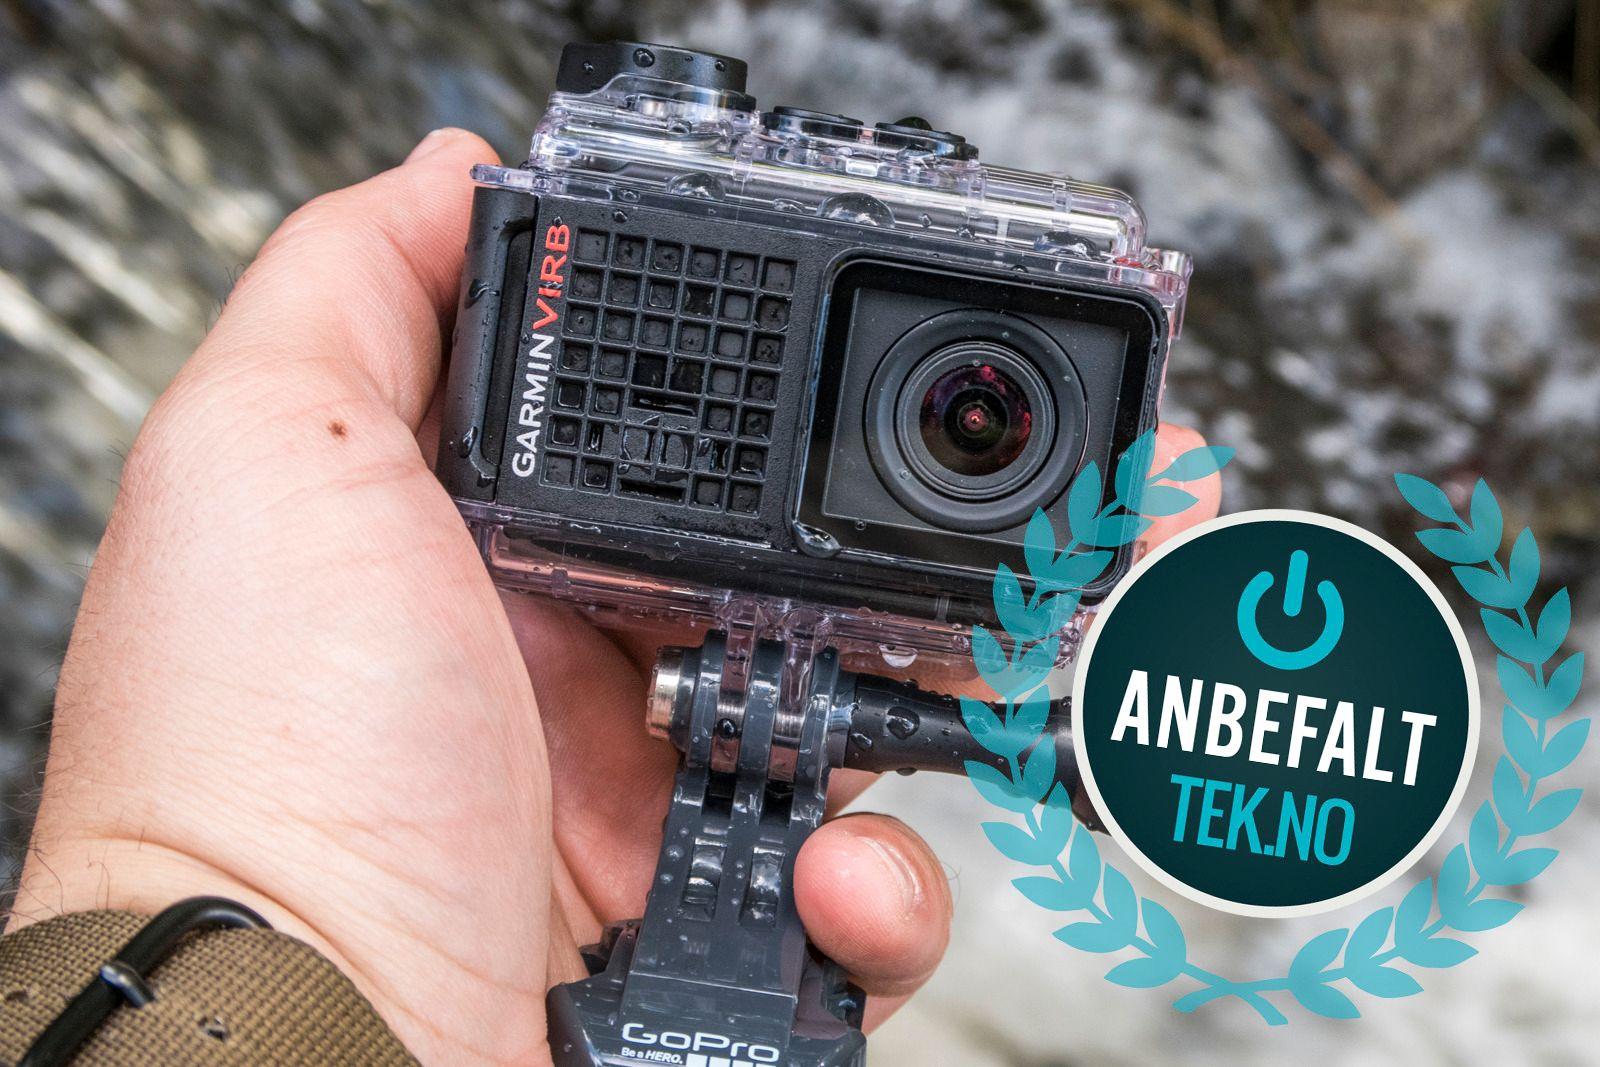 Garmin Virb Ultra 30 er utvilsomt det beste actionkameraet på markedet for øyeblikket, men både Sony og GoPro har nye toppmodeller på vei, så det kan være greit å vente og se dem an.